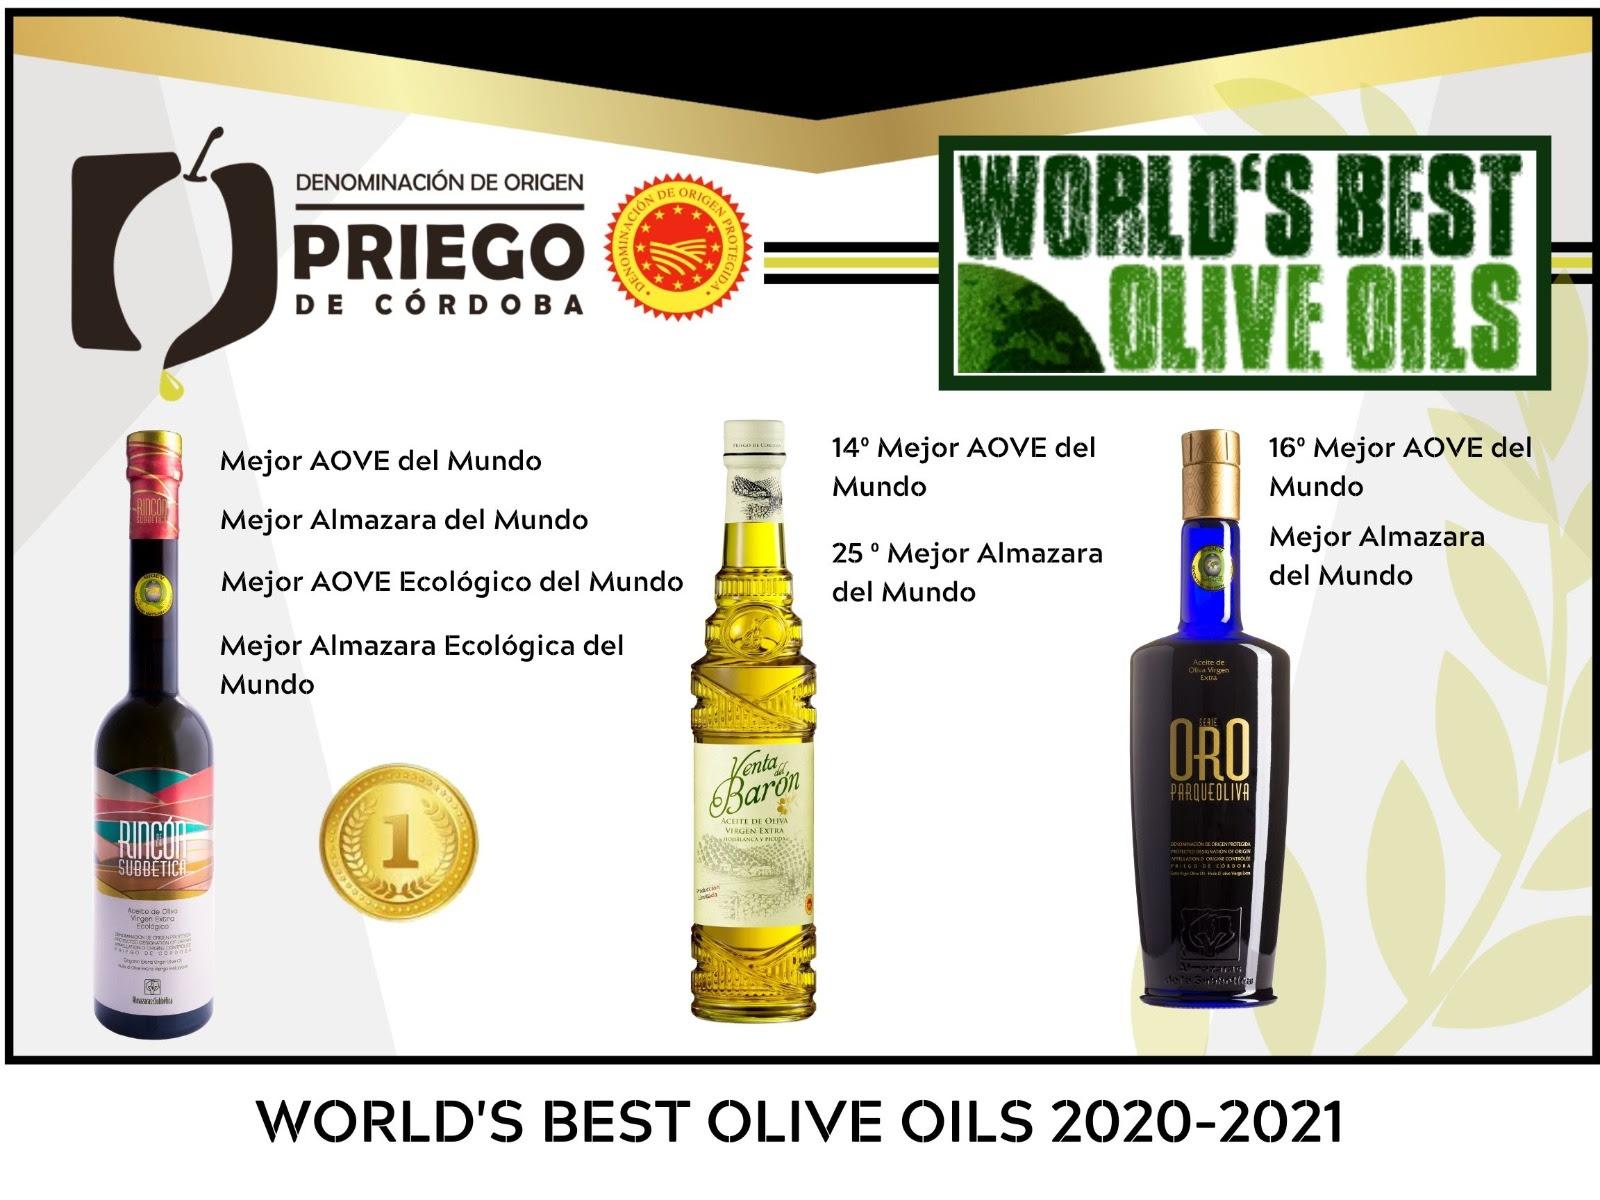 World's Best Olive - DOP Priego de Córdoba